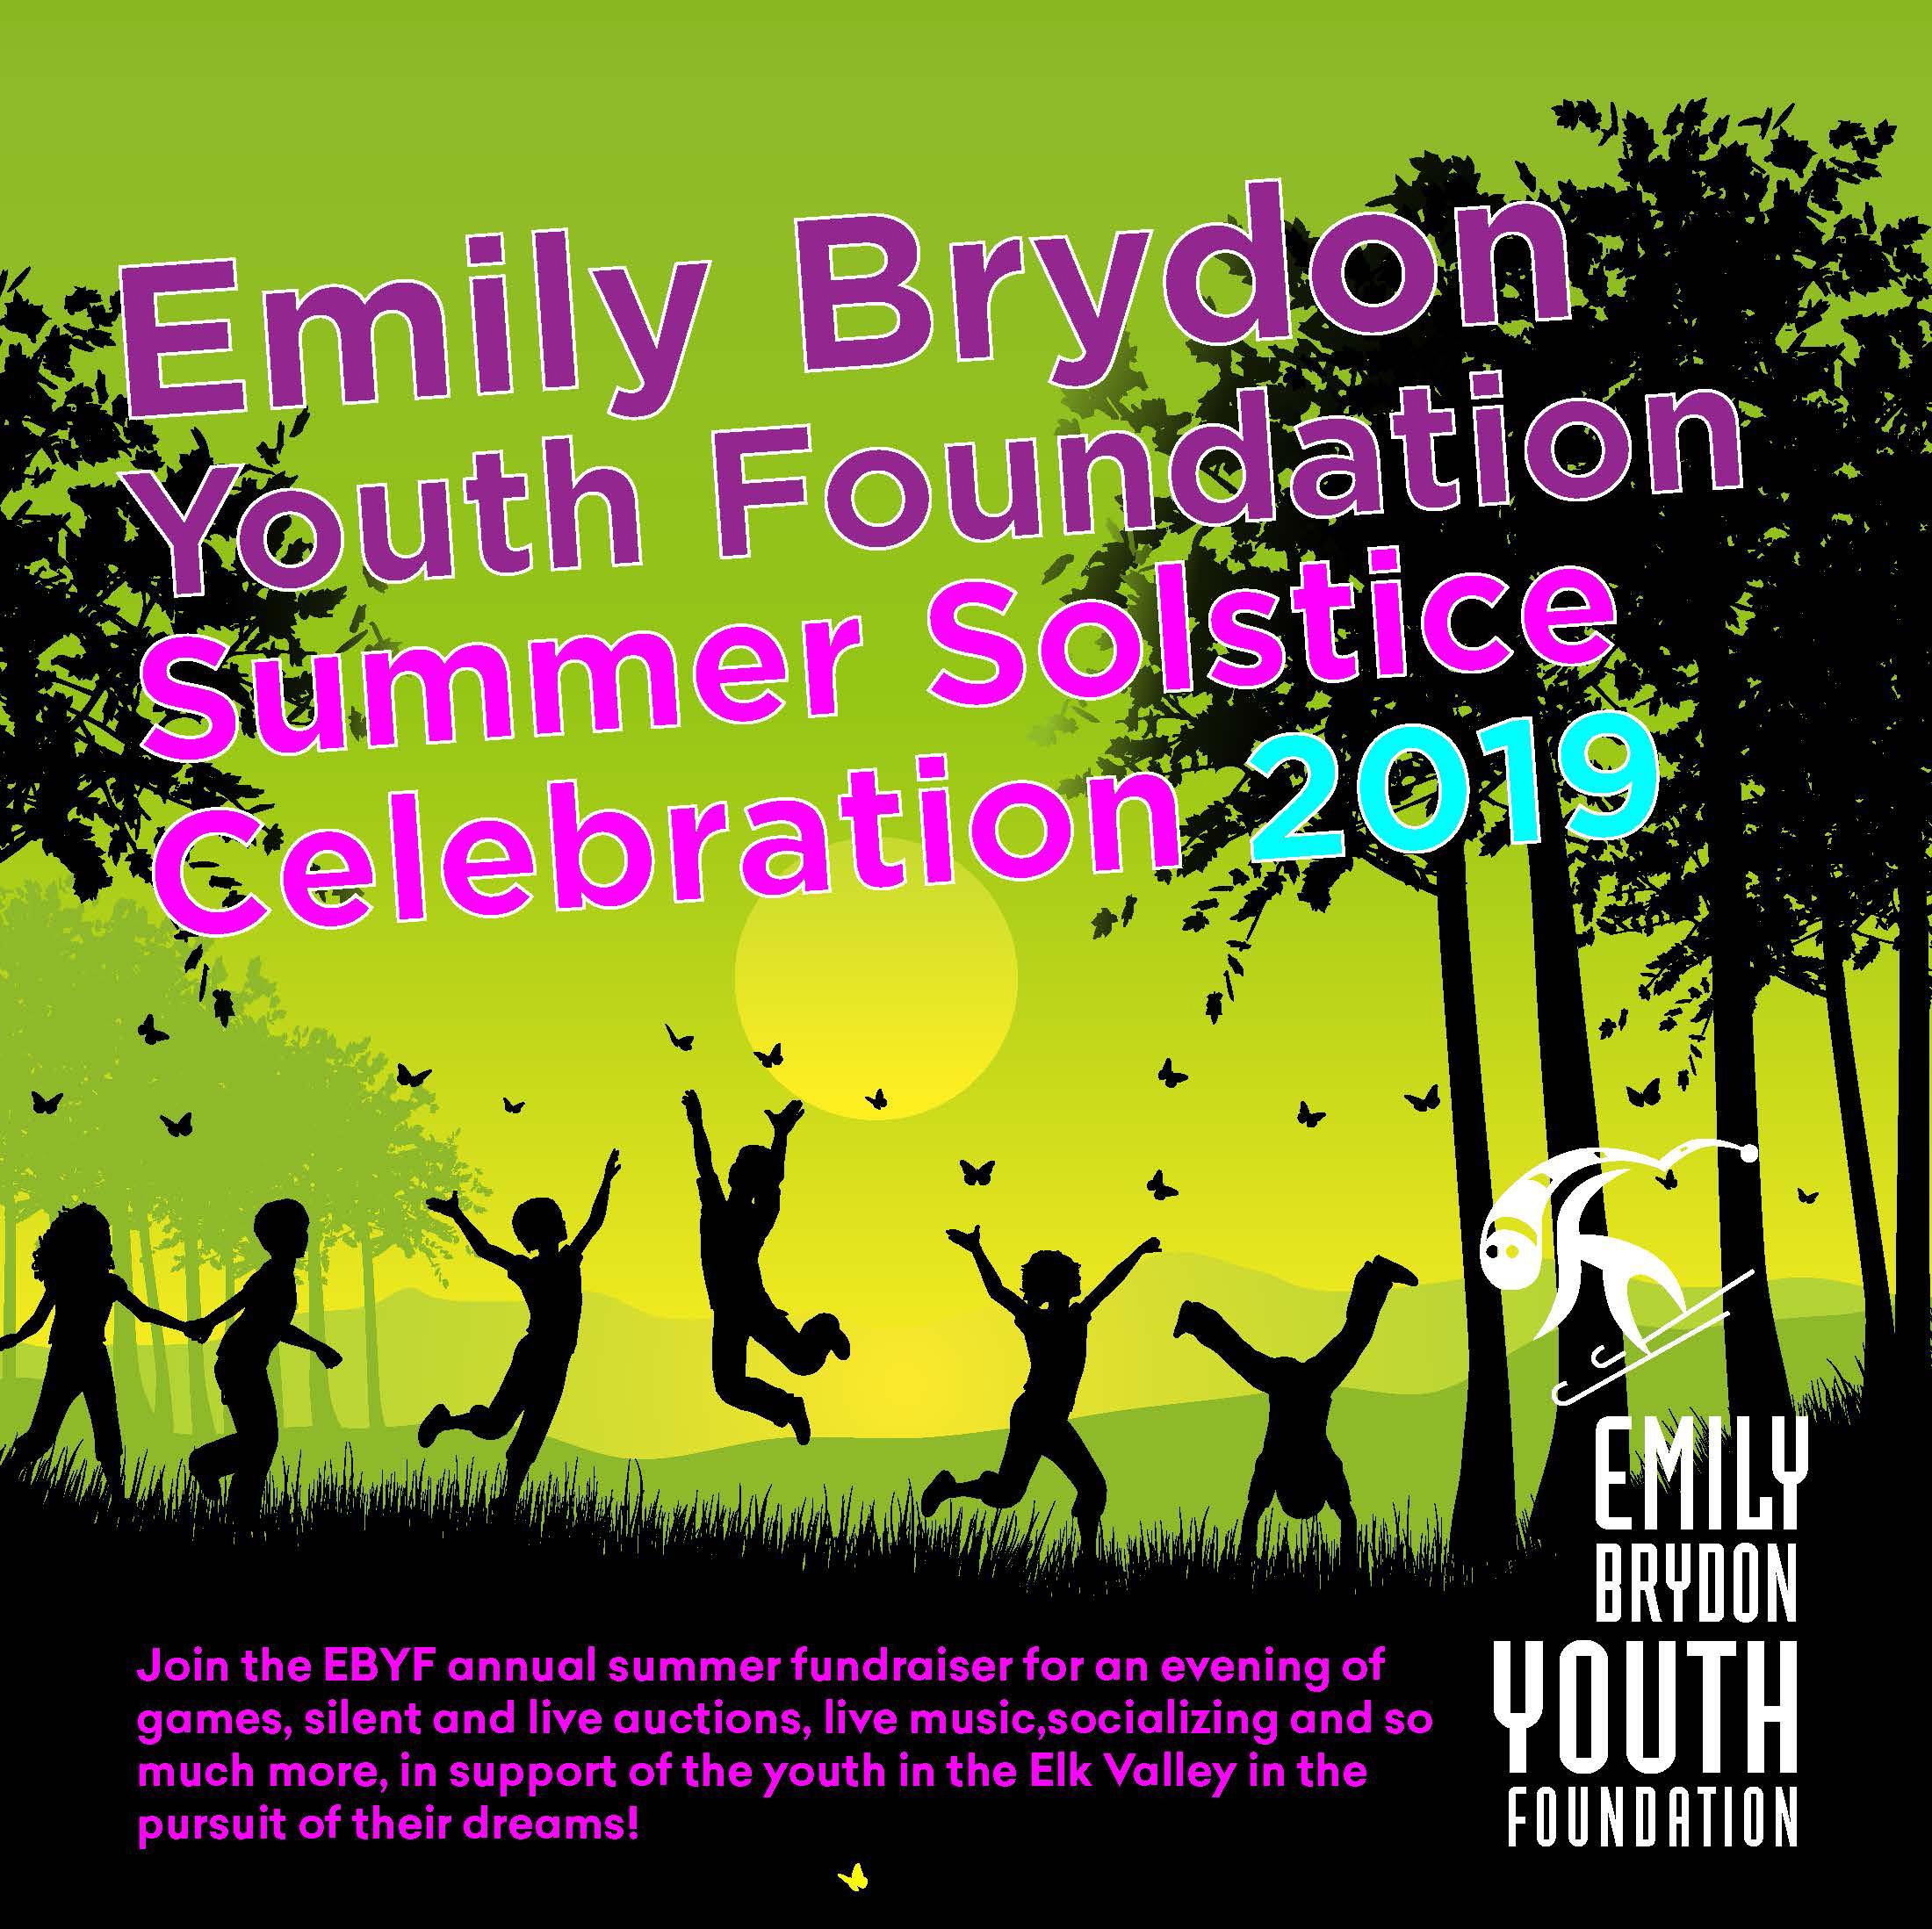 EBYF Summer Fundraiser 2019